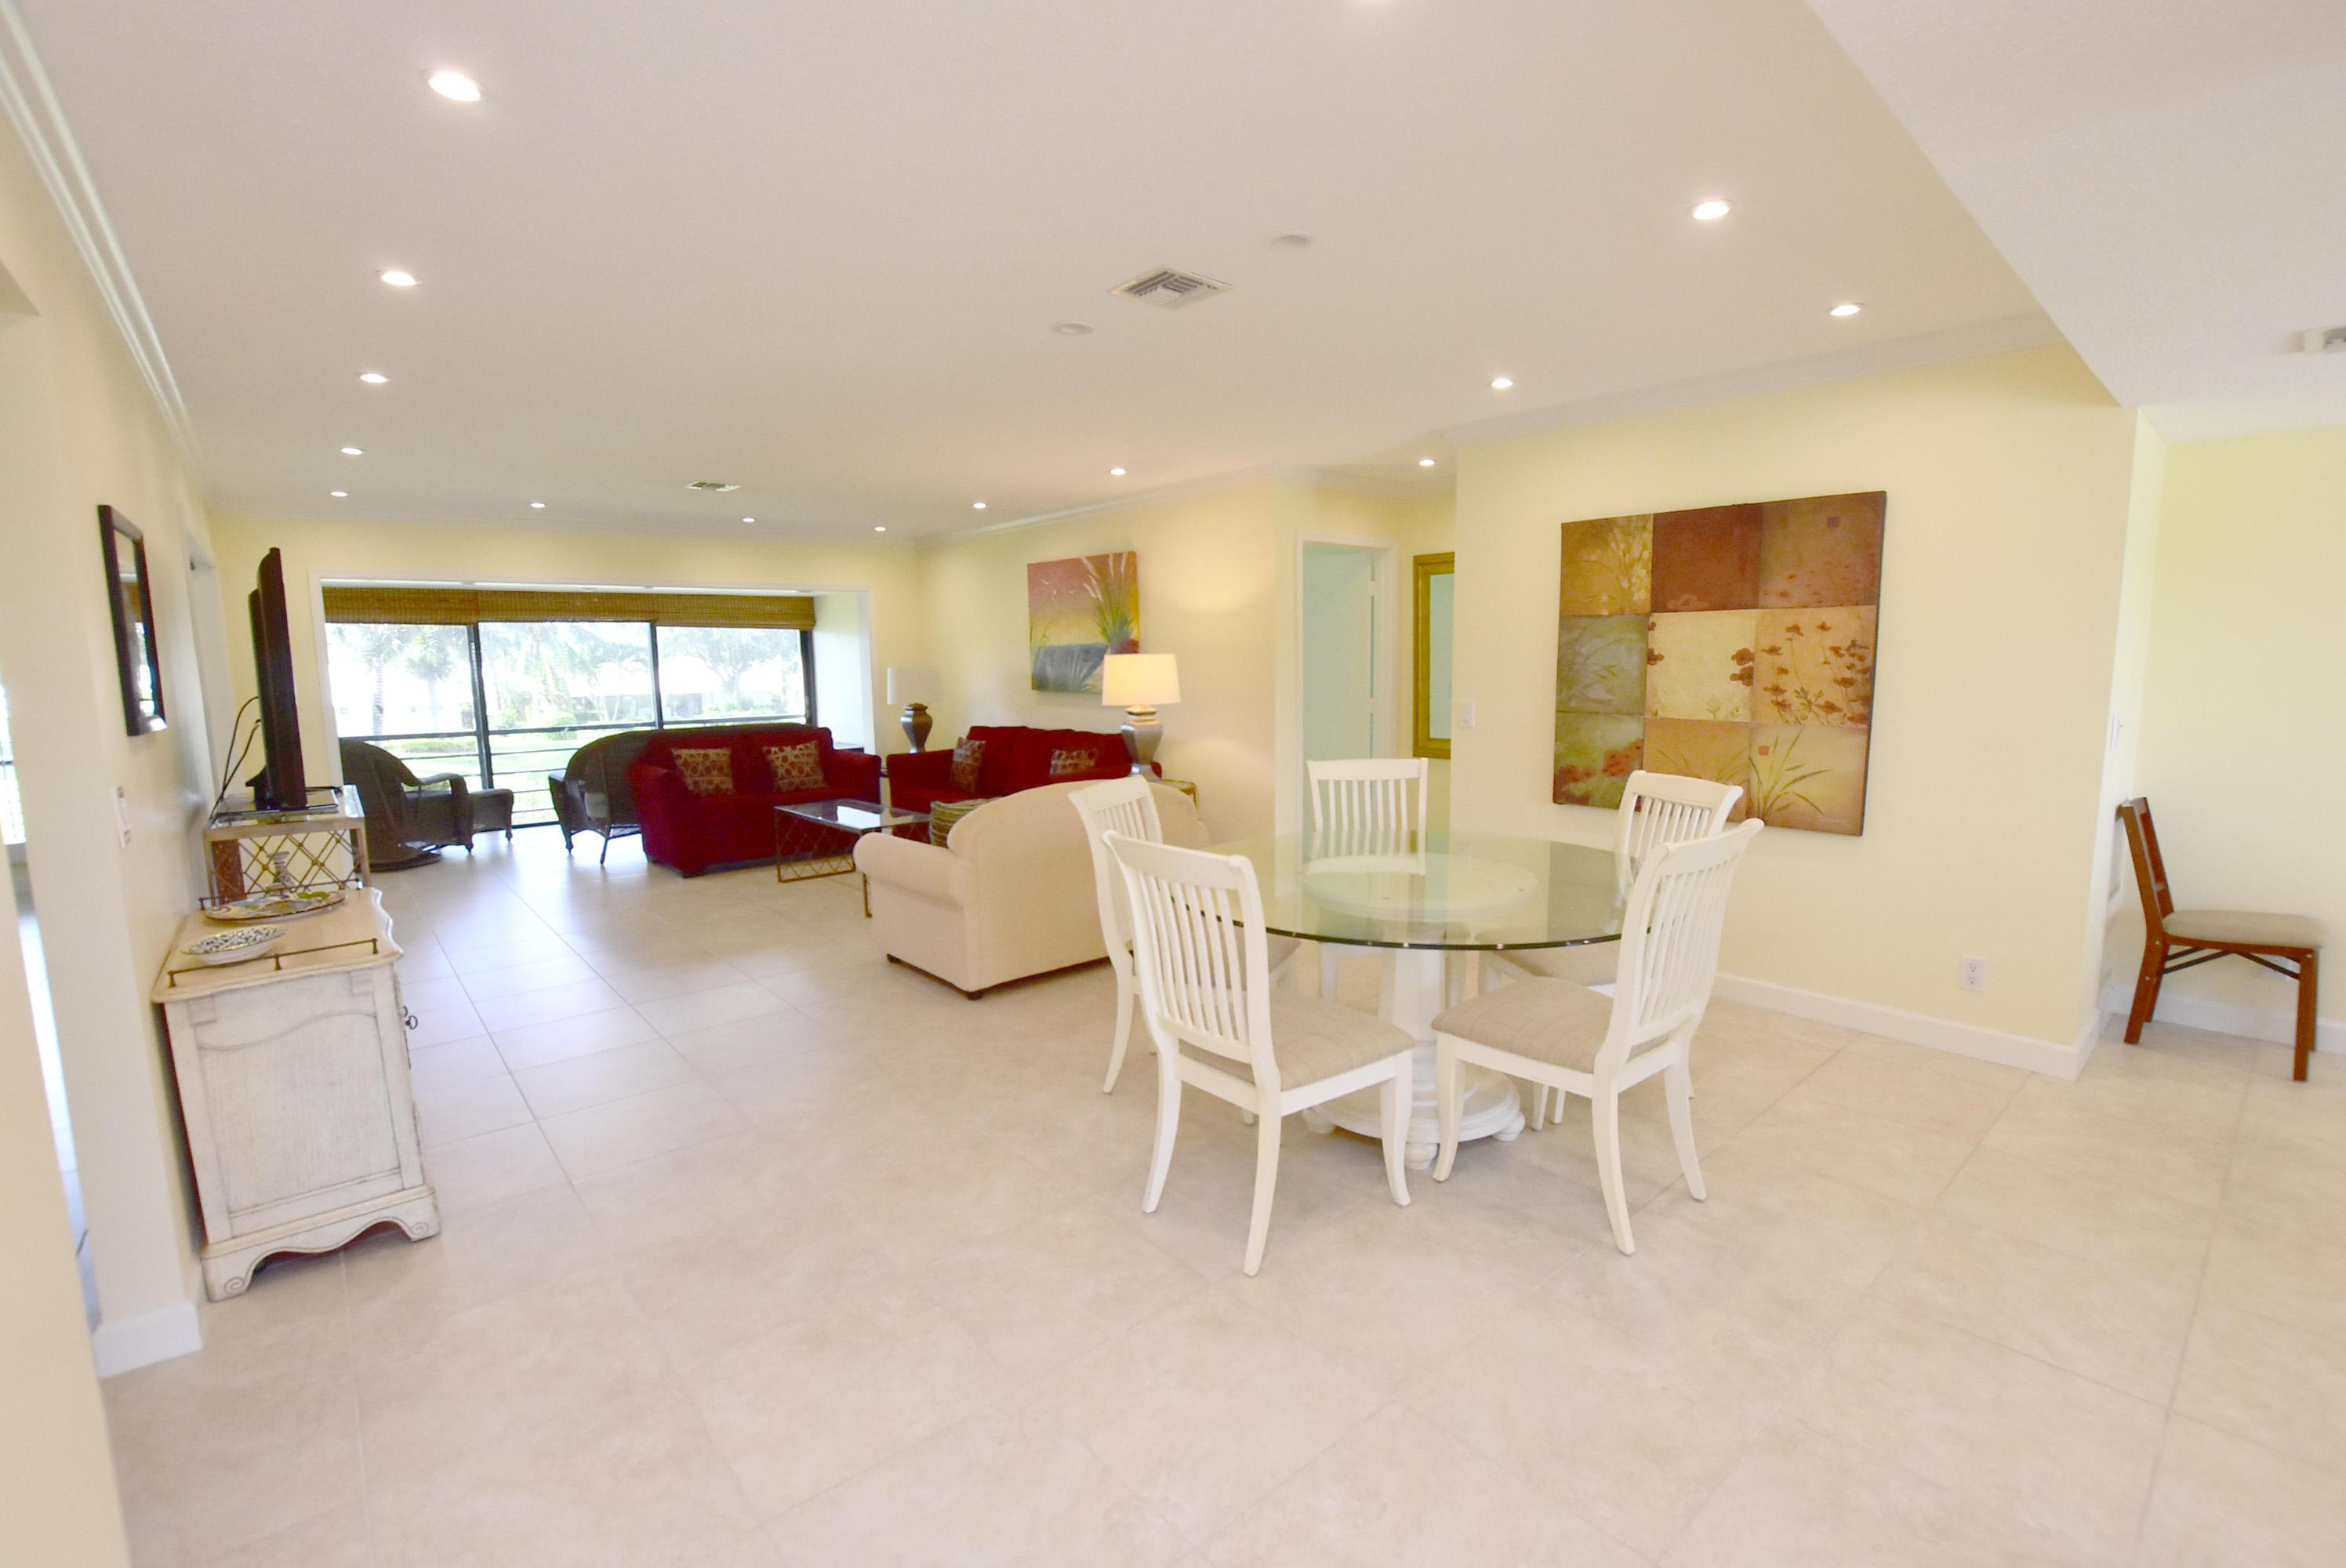 3676 Quail Ridge Drive Gr. Heron S Boynton Beach, FL 33436